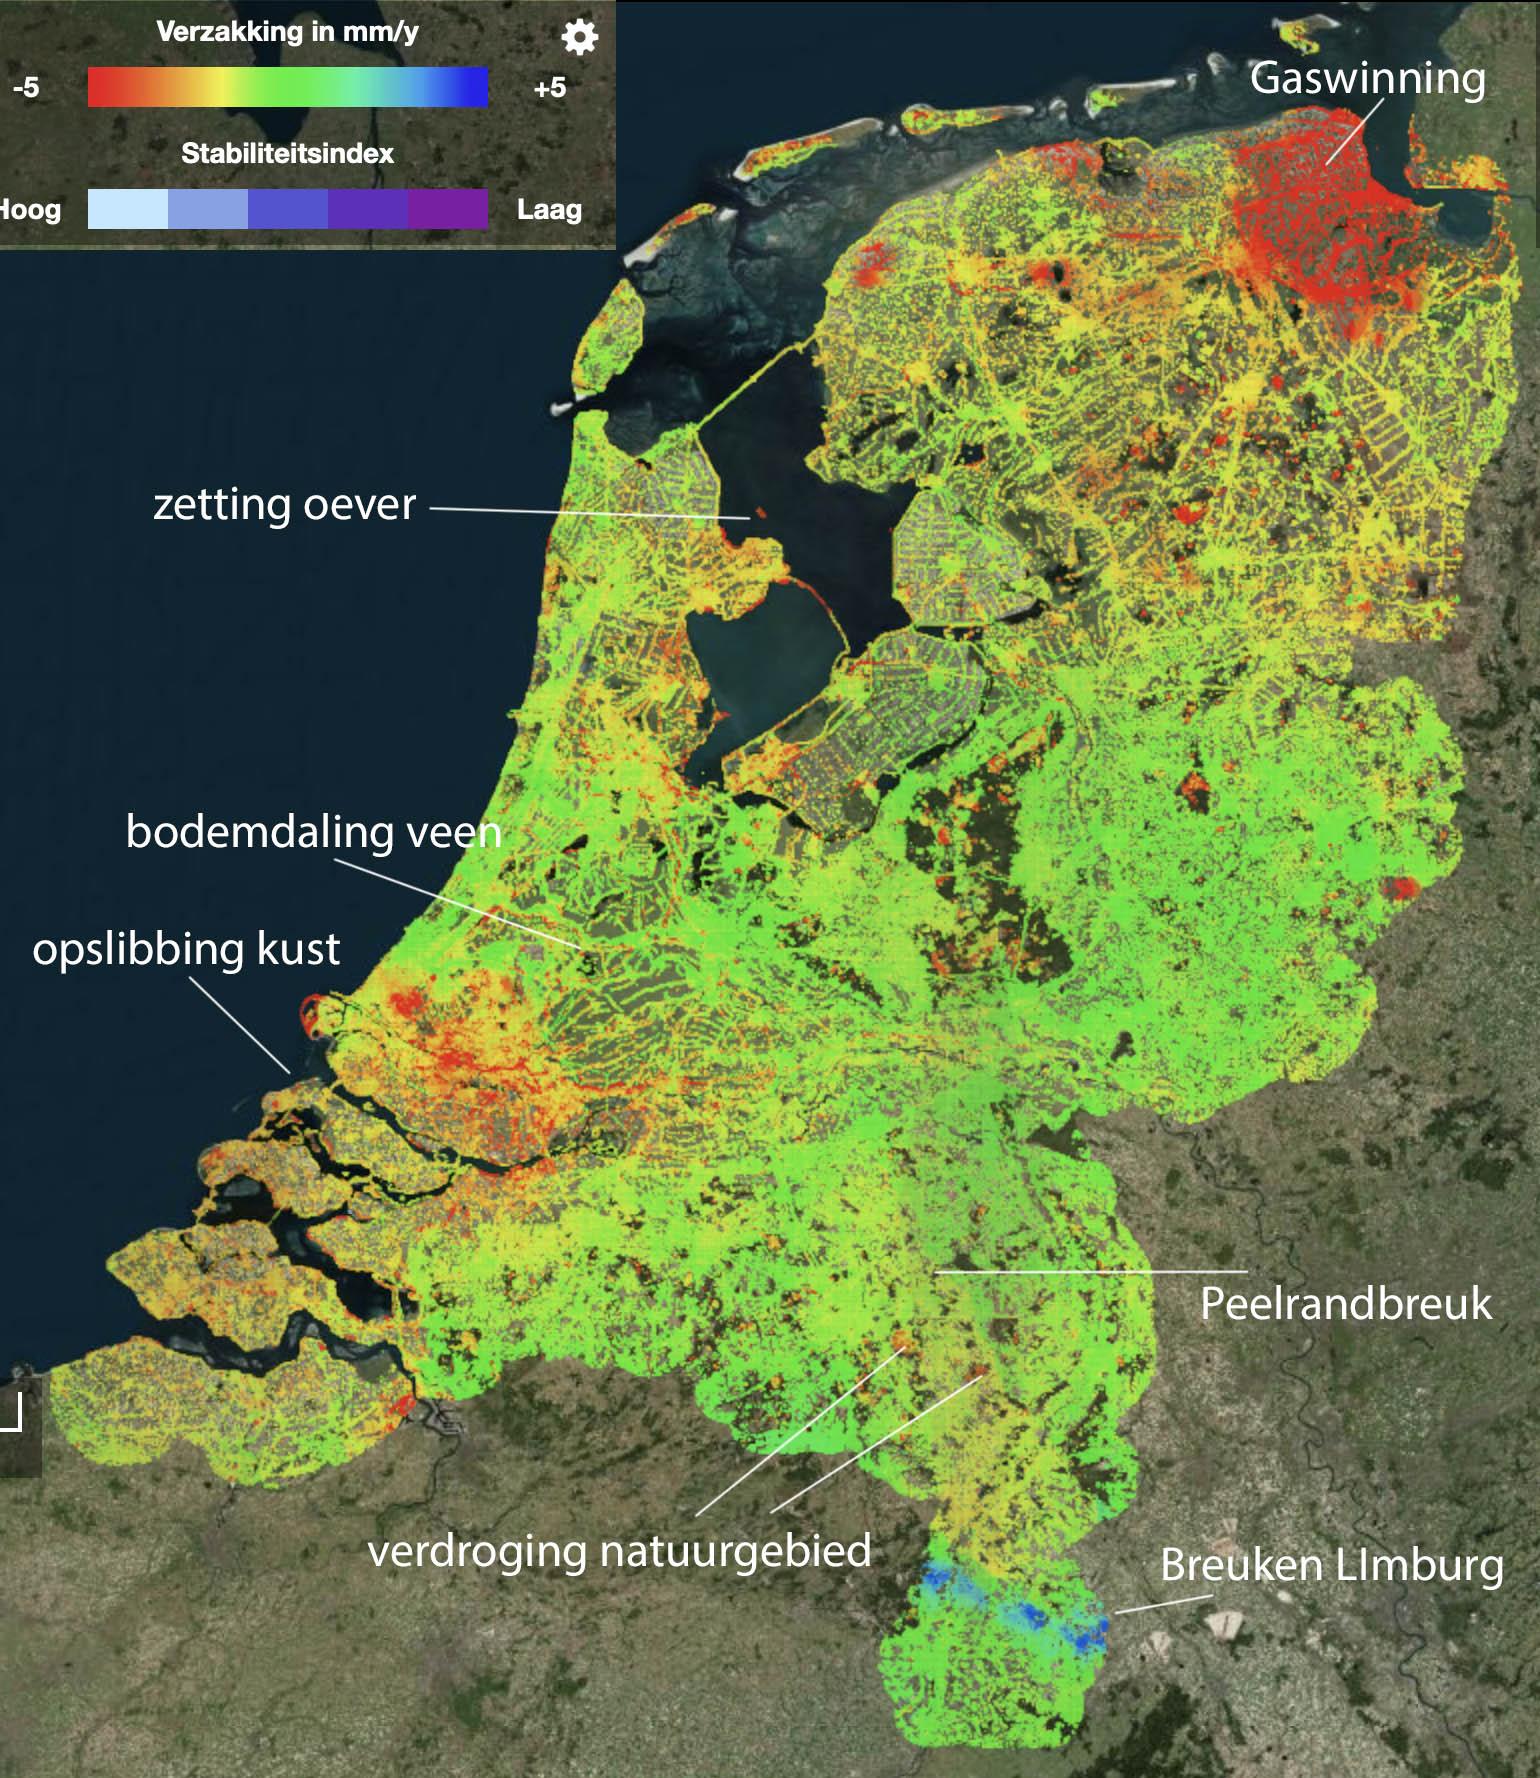 Bodemdalingskaart van Nederland. De gemarkeerde locaties worden verderop in de tekst genoemd. (bron: https://bodemdalingskaart.portal.skygeo.com/portal/bodemdalingskaart/u1/viewers/basic/)